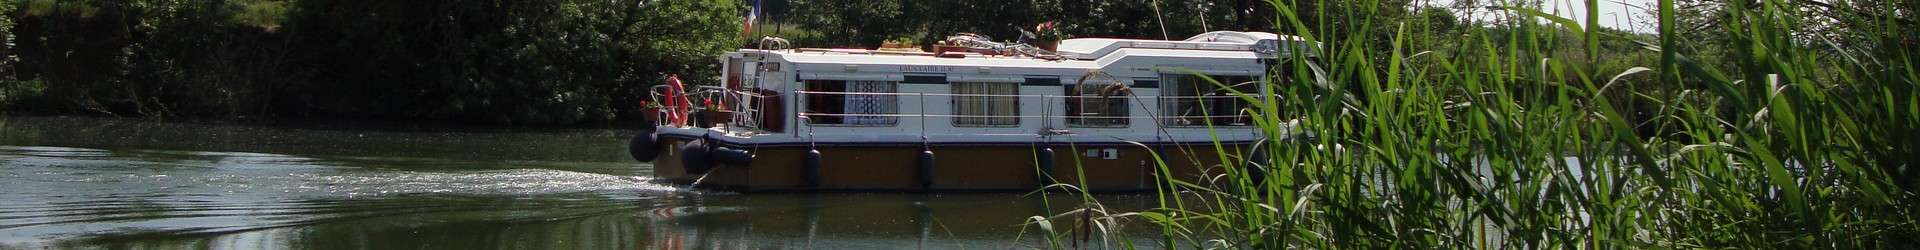 banniere-bateau-seille-otpbb-39